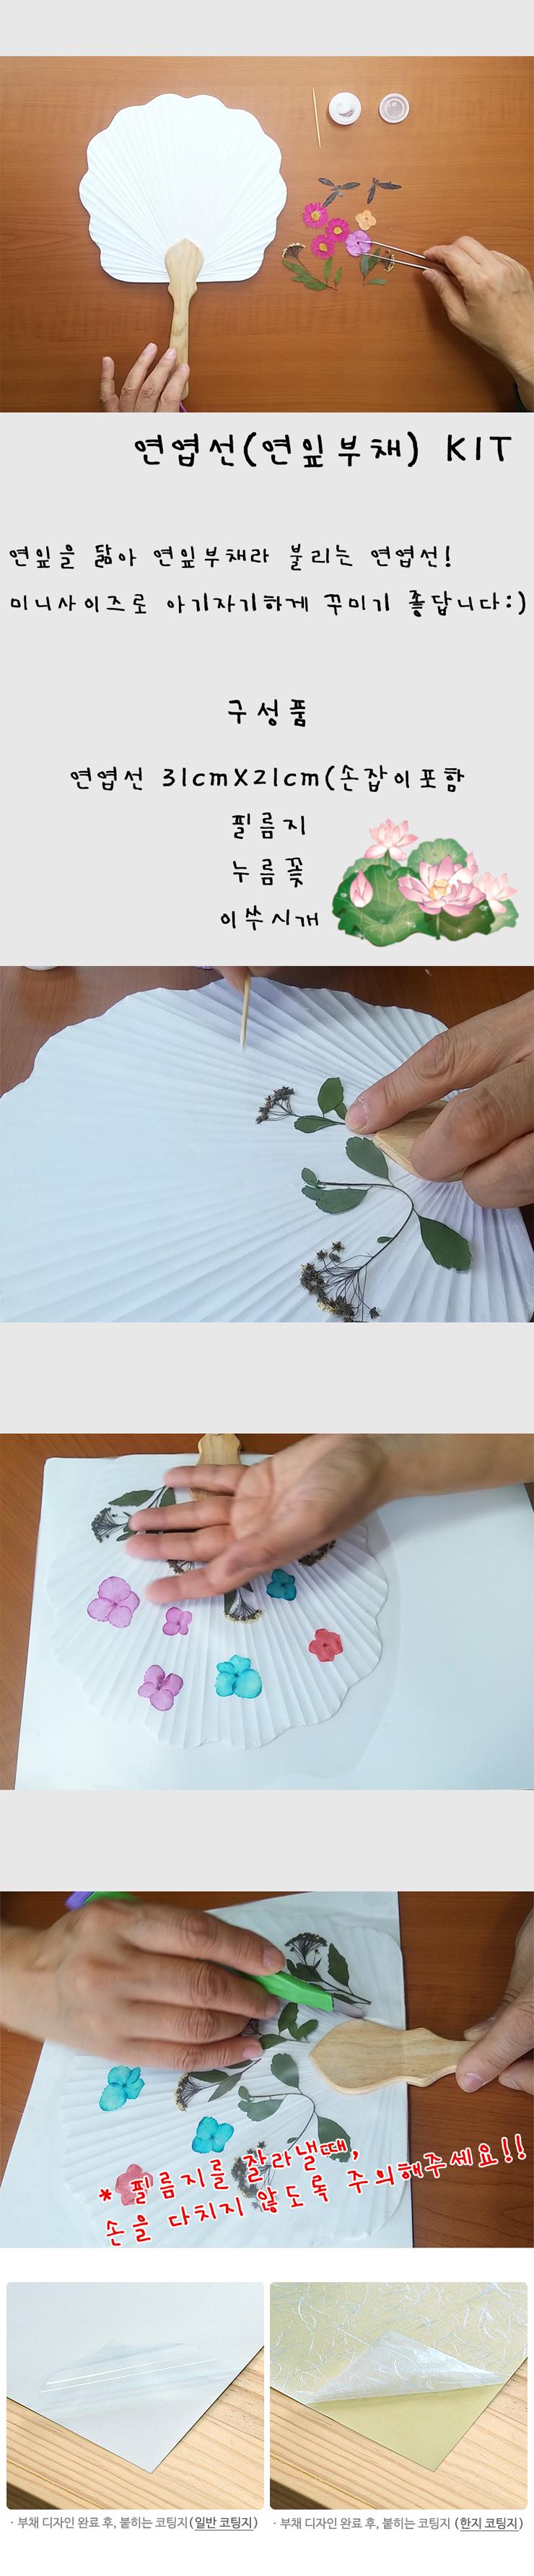 꽃보듬(압화) 연엽선 연잎부채 만들기 KIT - 그린팜, 7,500원, 압화 공예, 열쇠고리/소품 패키지